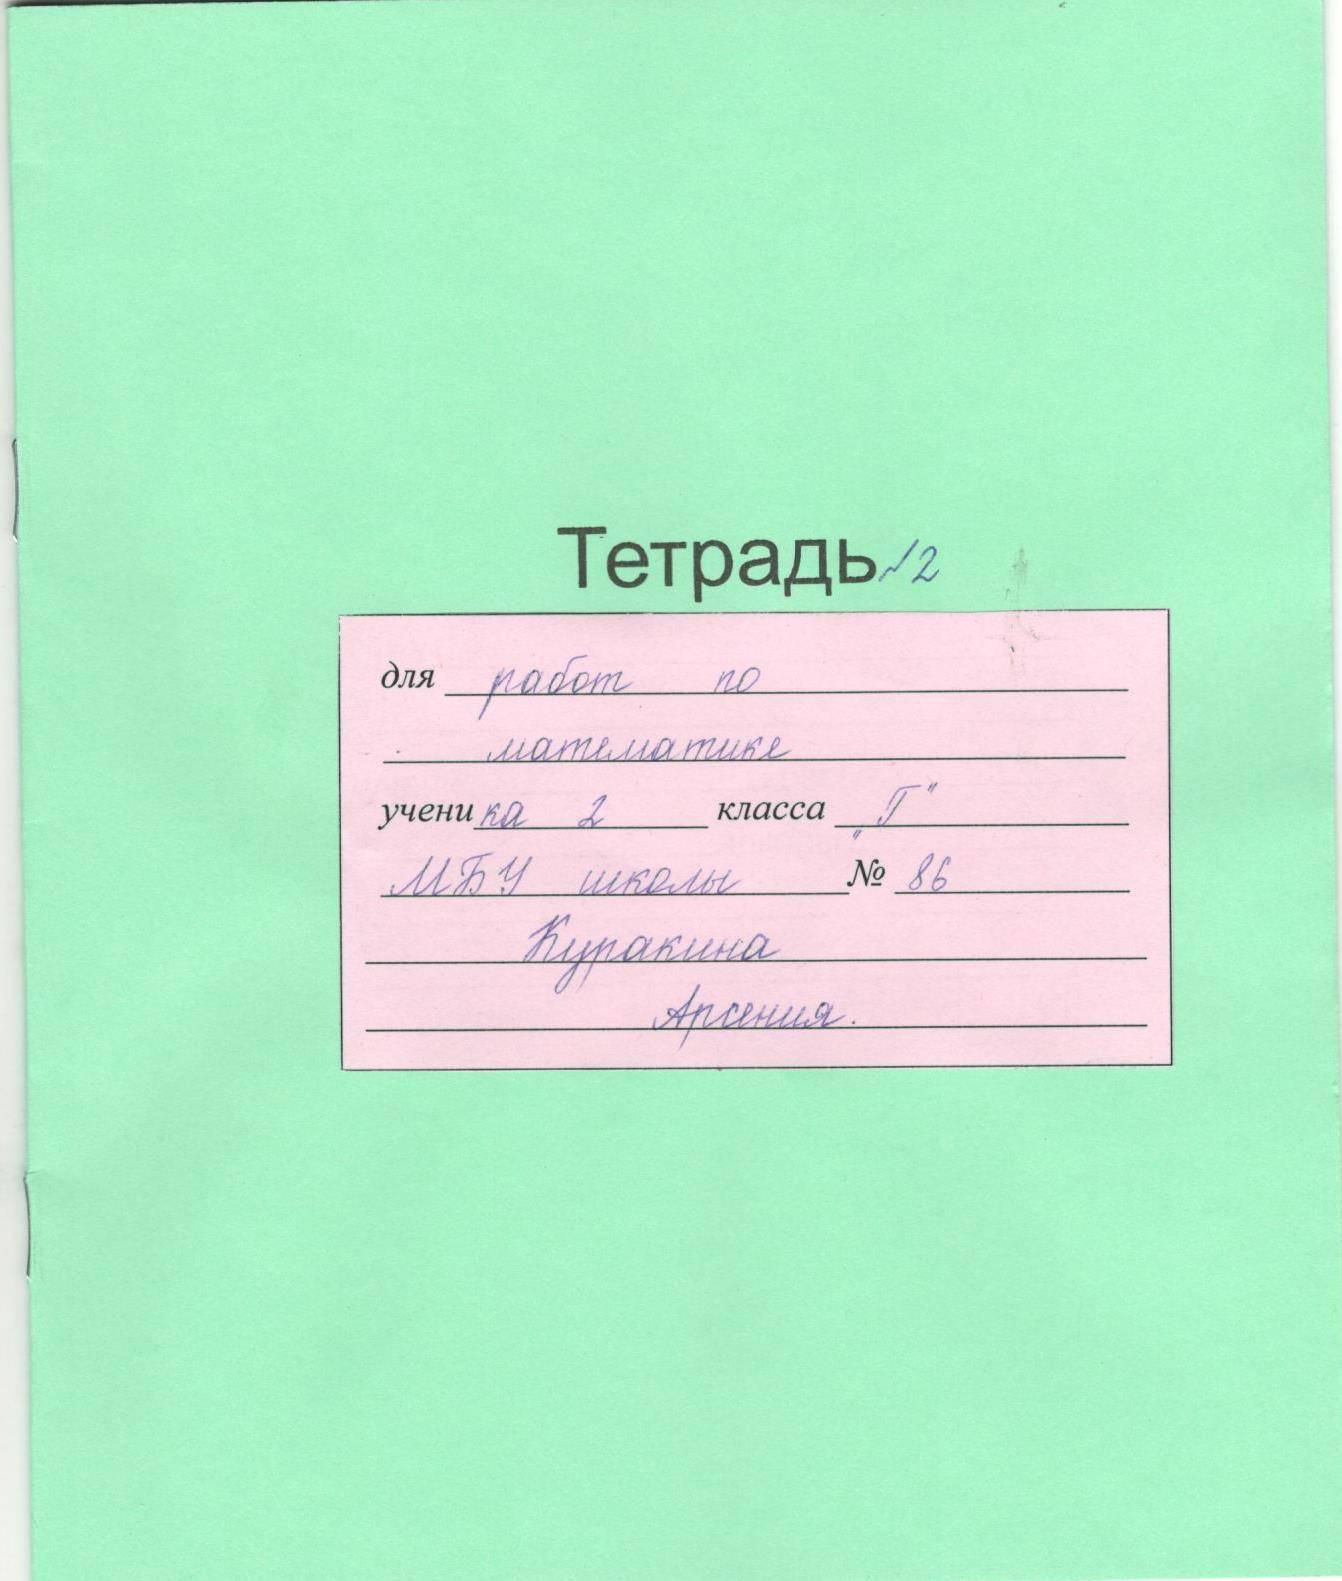 Как правильно подписывать тетрадь по английскому языку